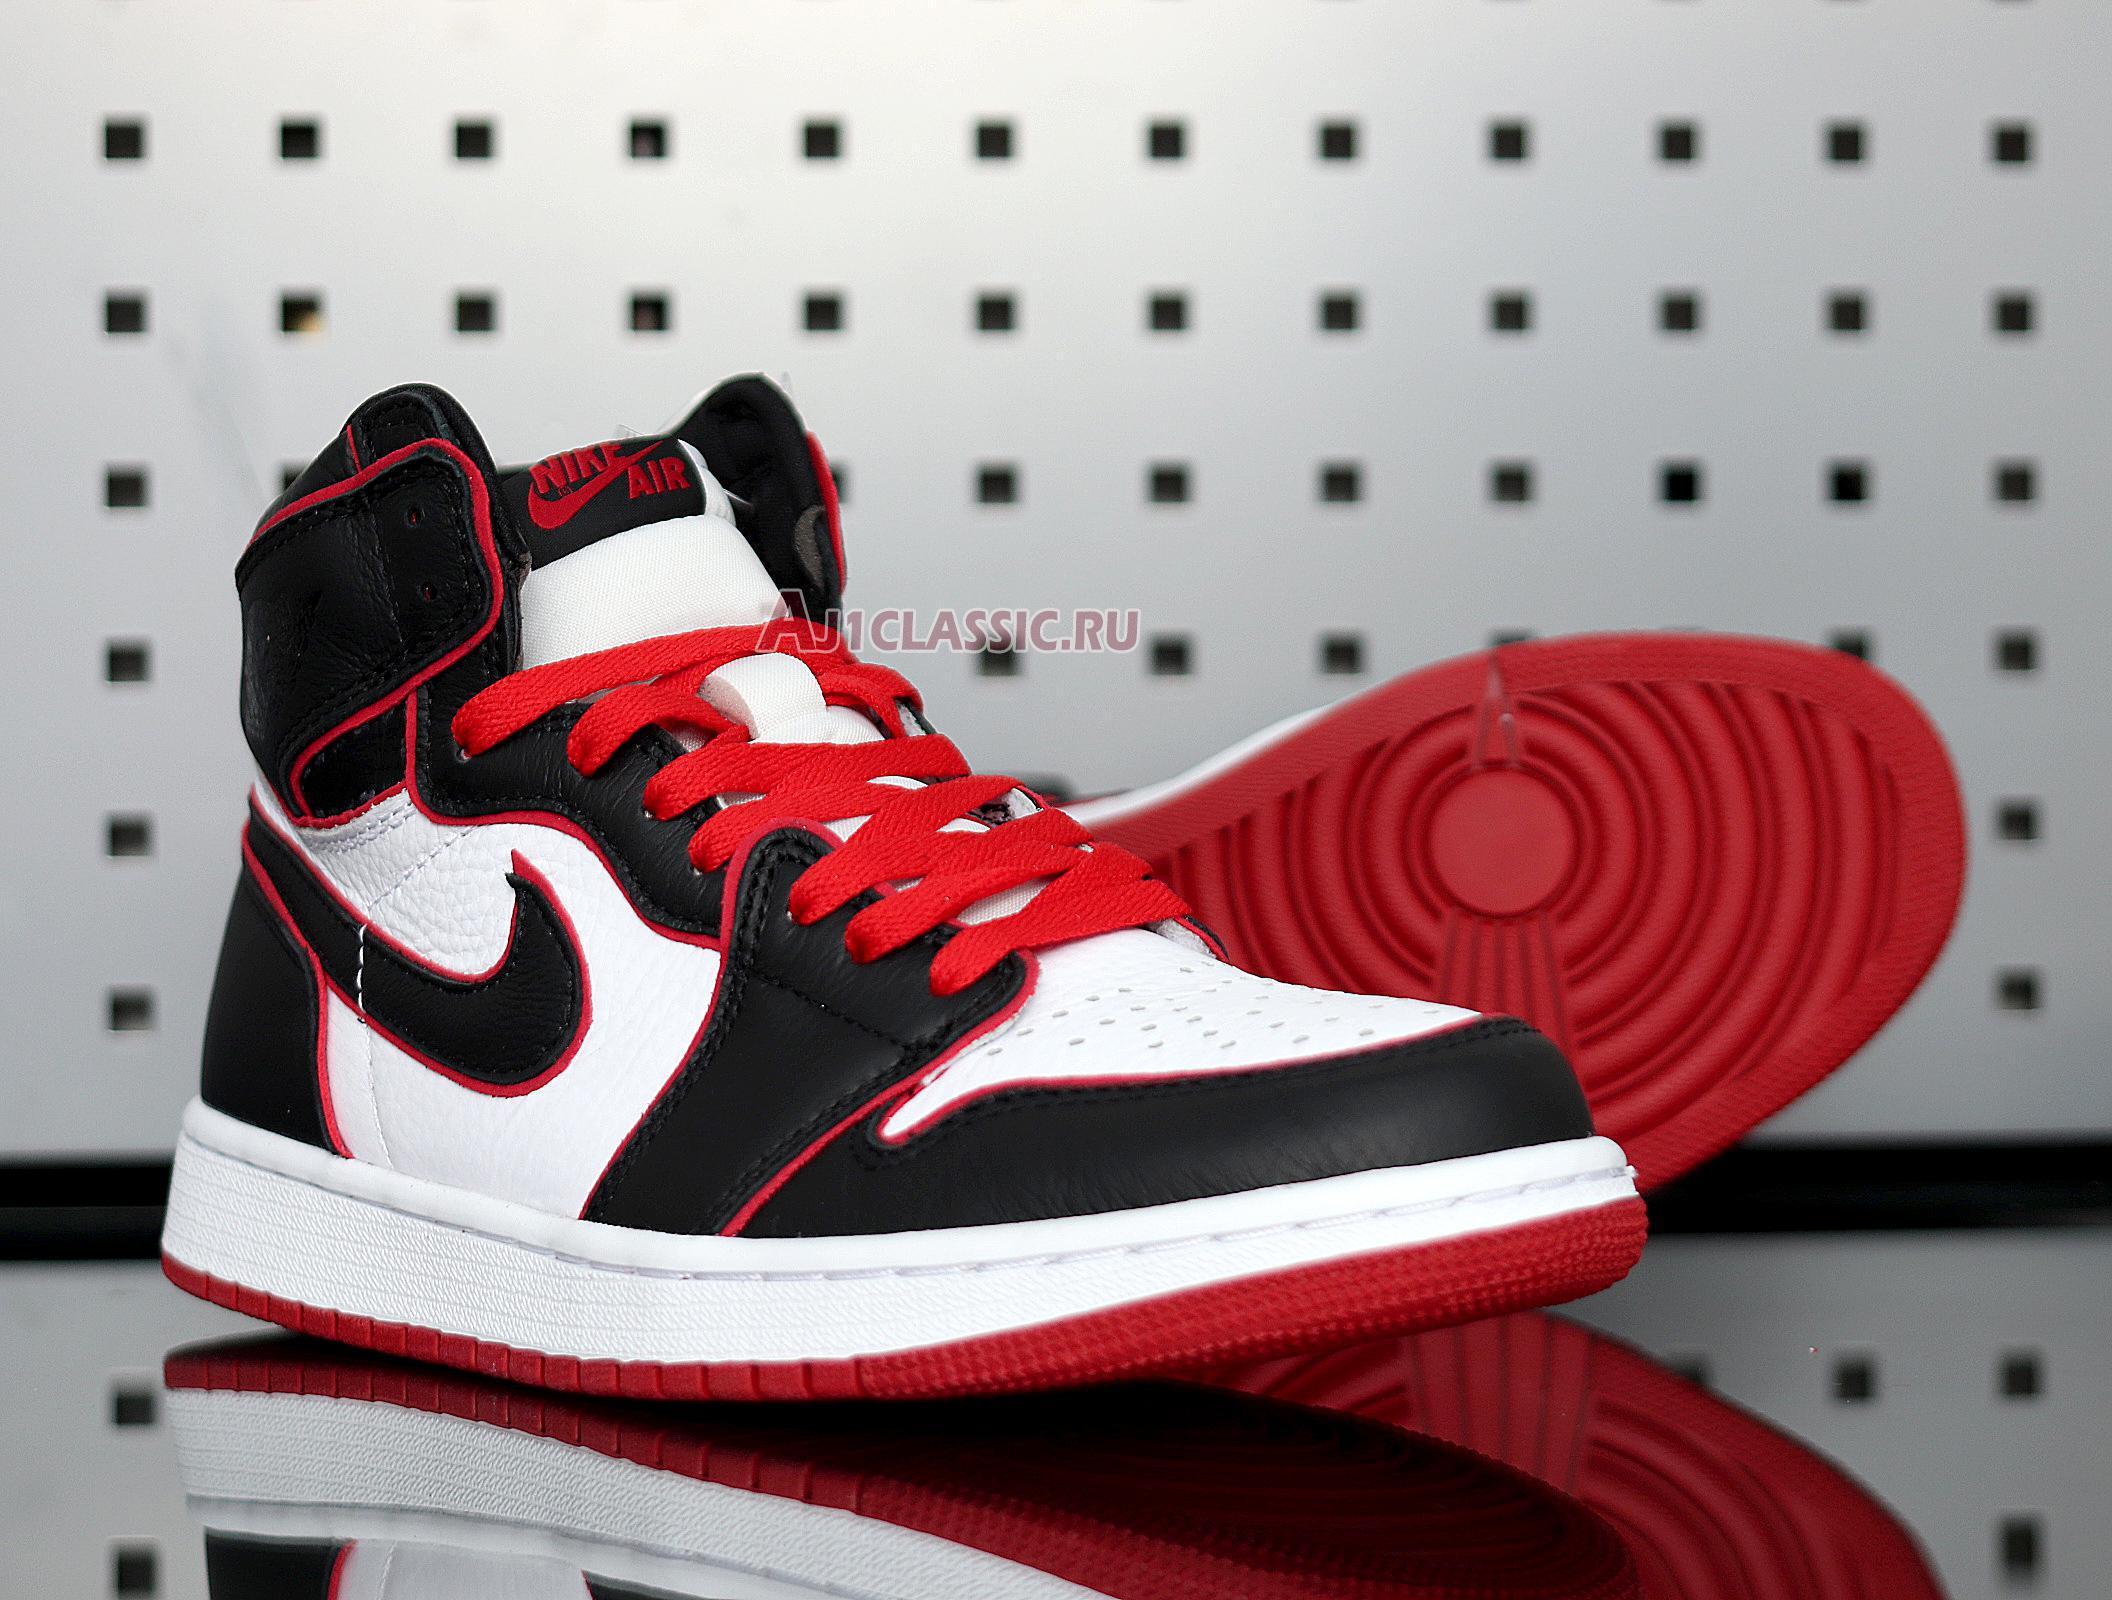 """Air Jordan 1 Retro High OG """"Bloodline"""" 555088-062"""